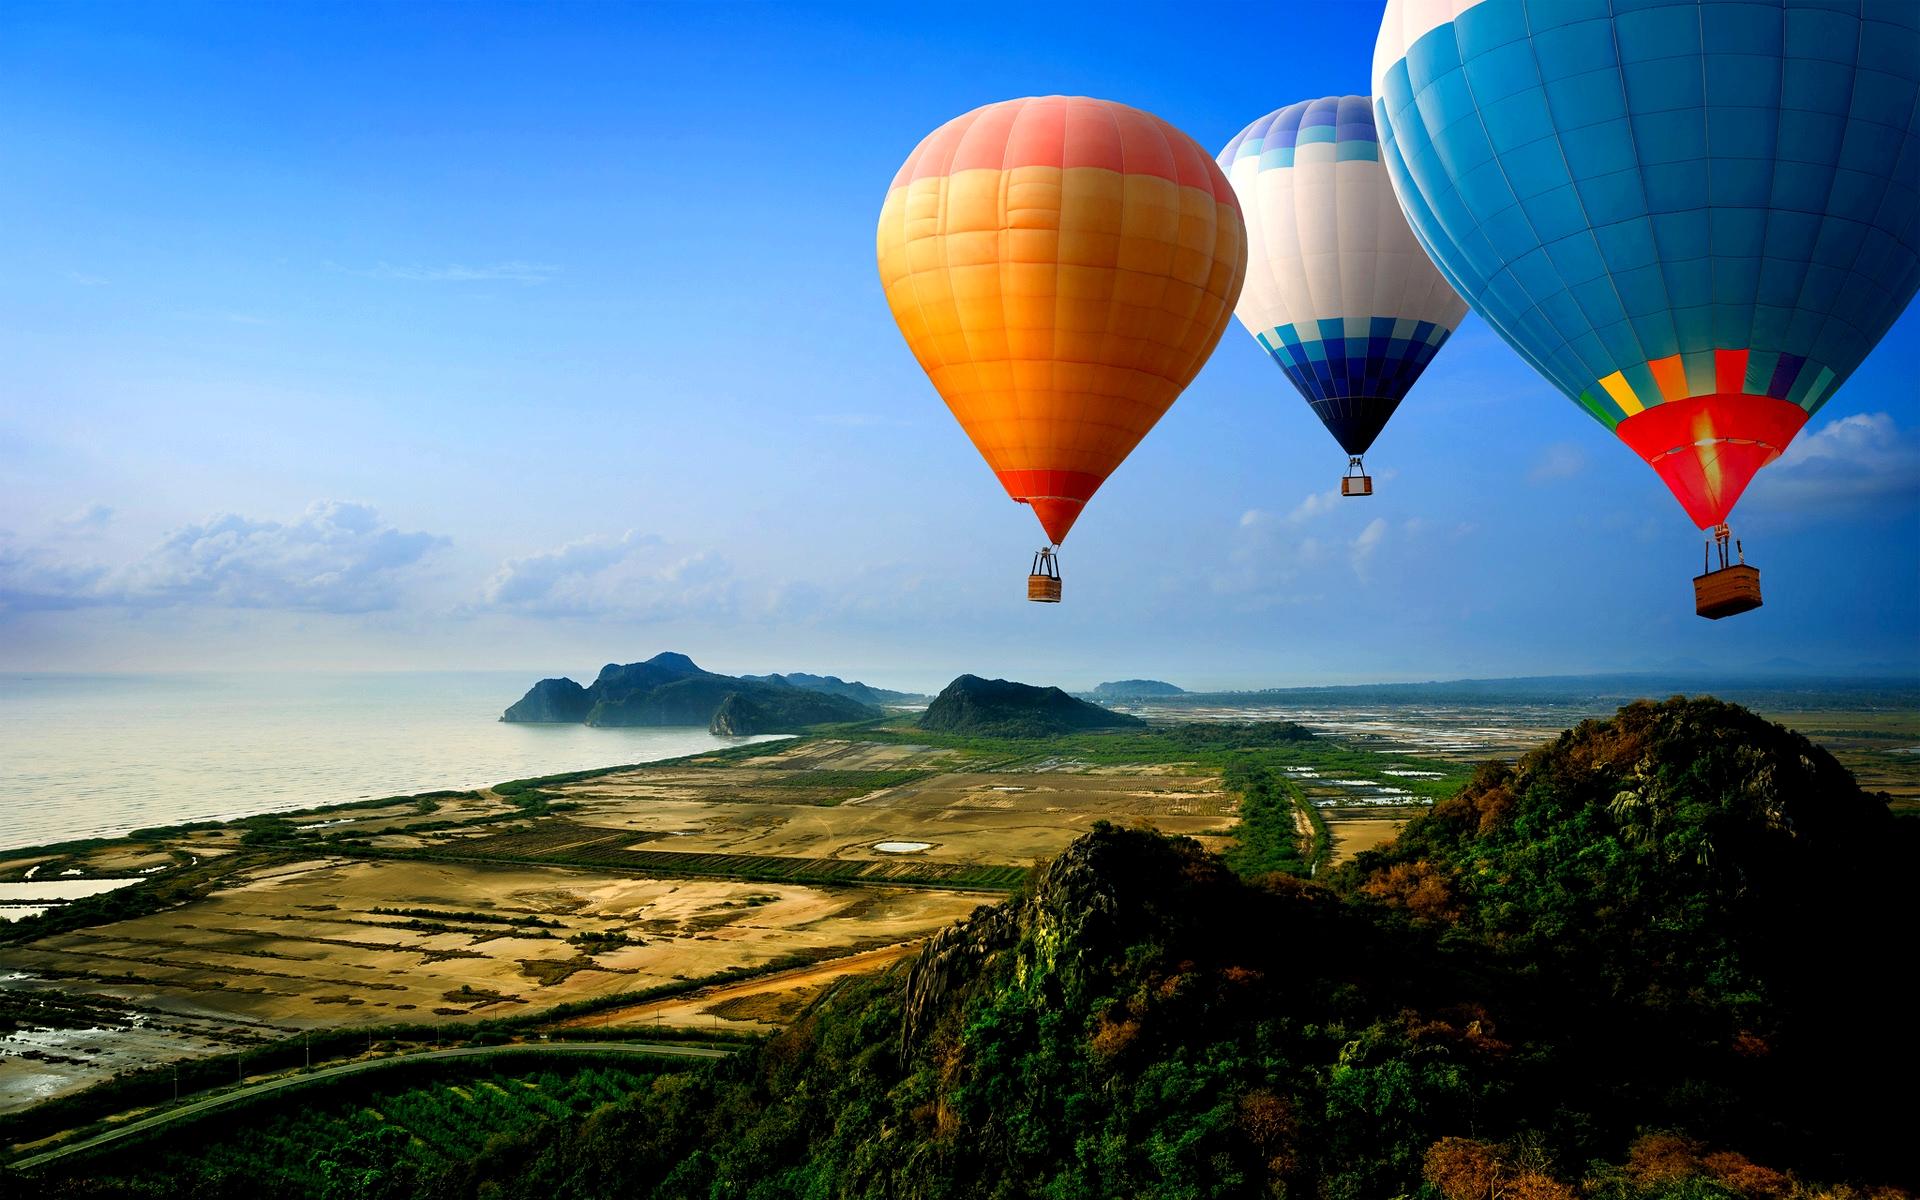 hot air balloon wallpaper hd 19608 1920x1200 px ~ hdwallsource